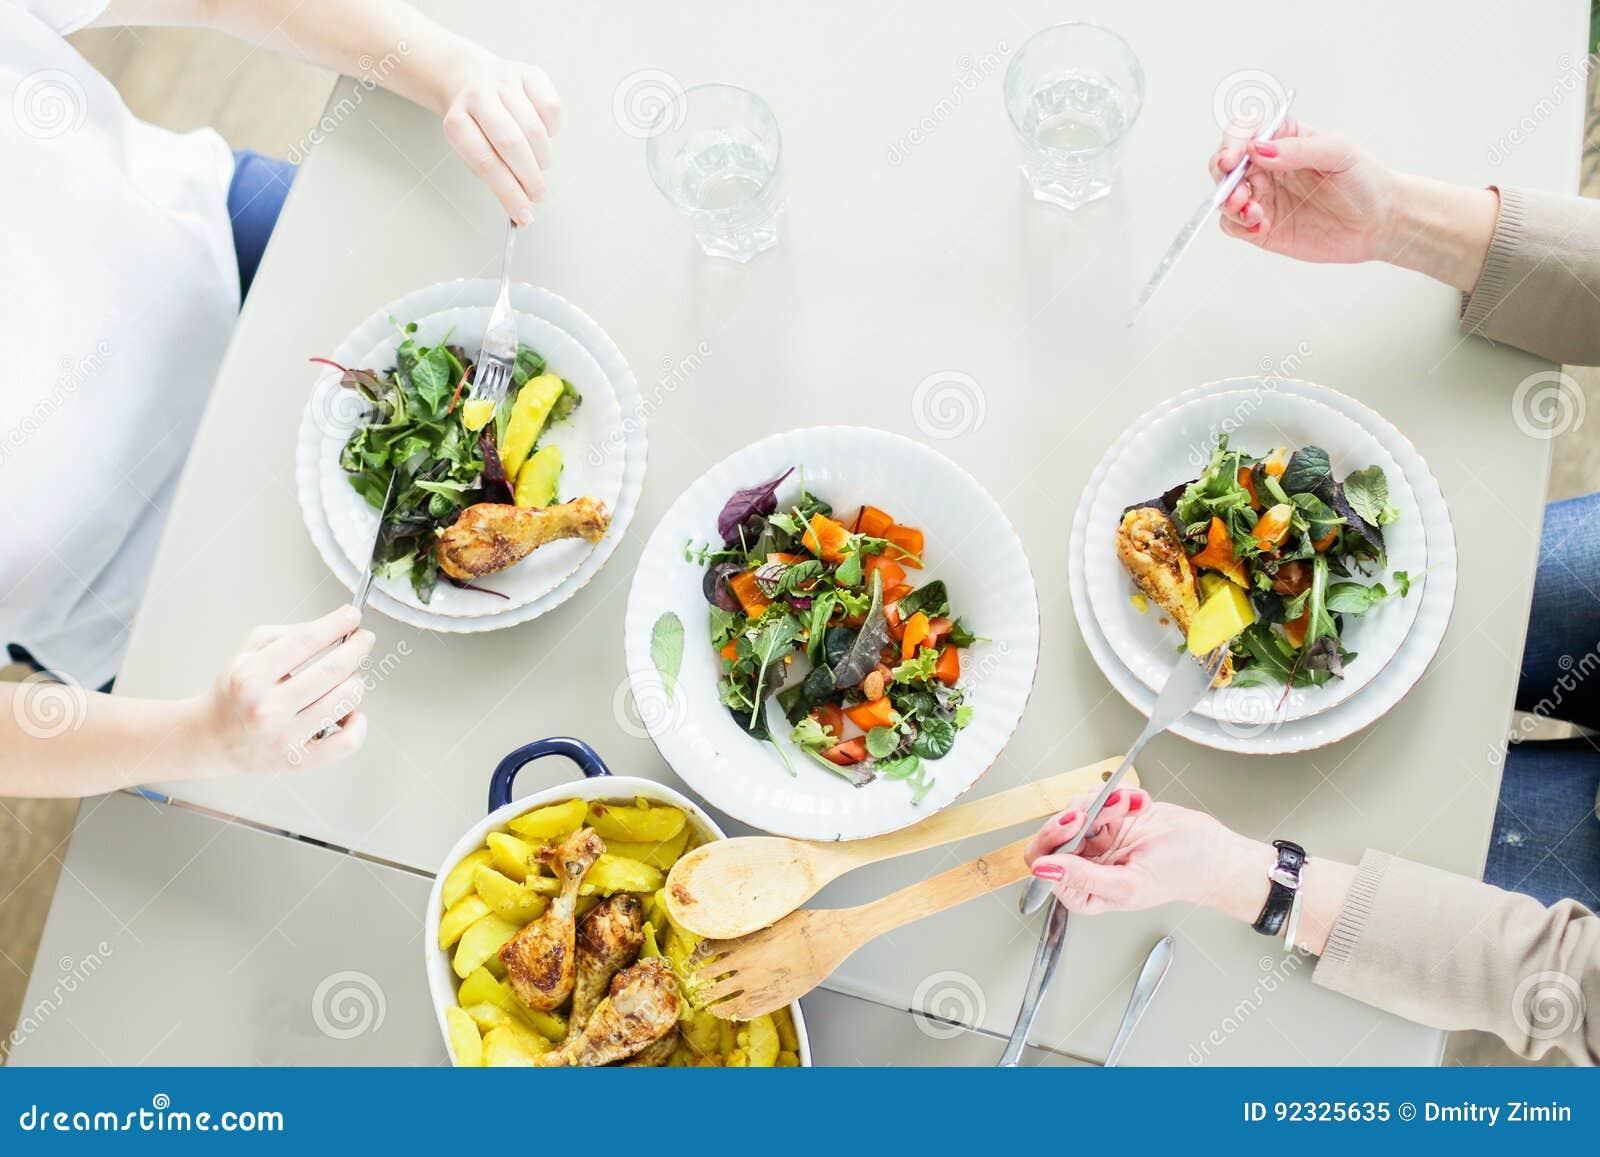 La vue supérieure de deux jeunes femmes mangeant des salades vertes avec chiken et pomme de terre